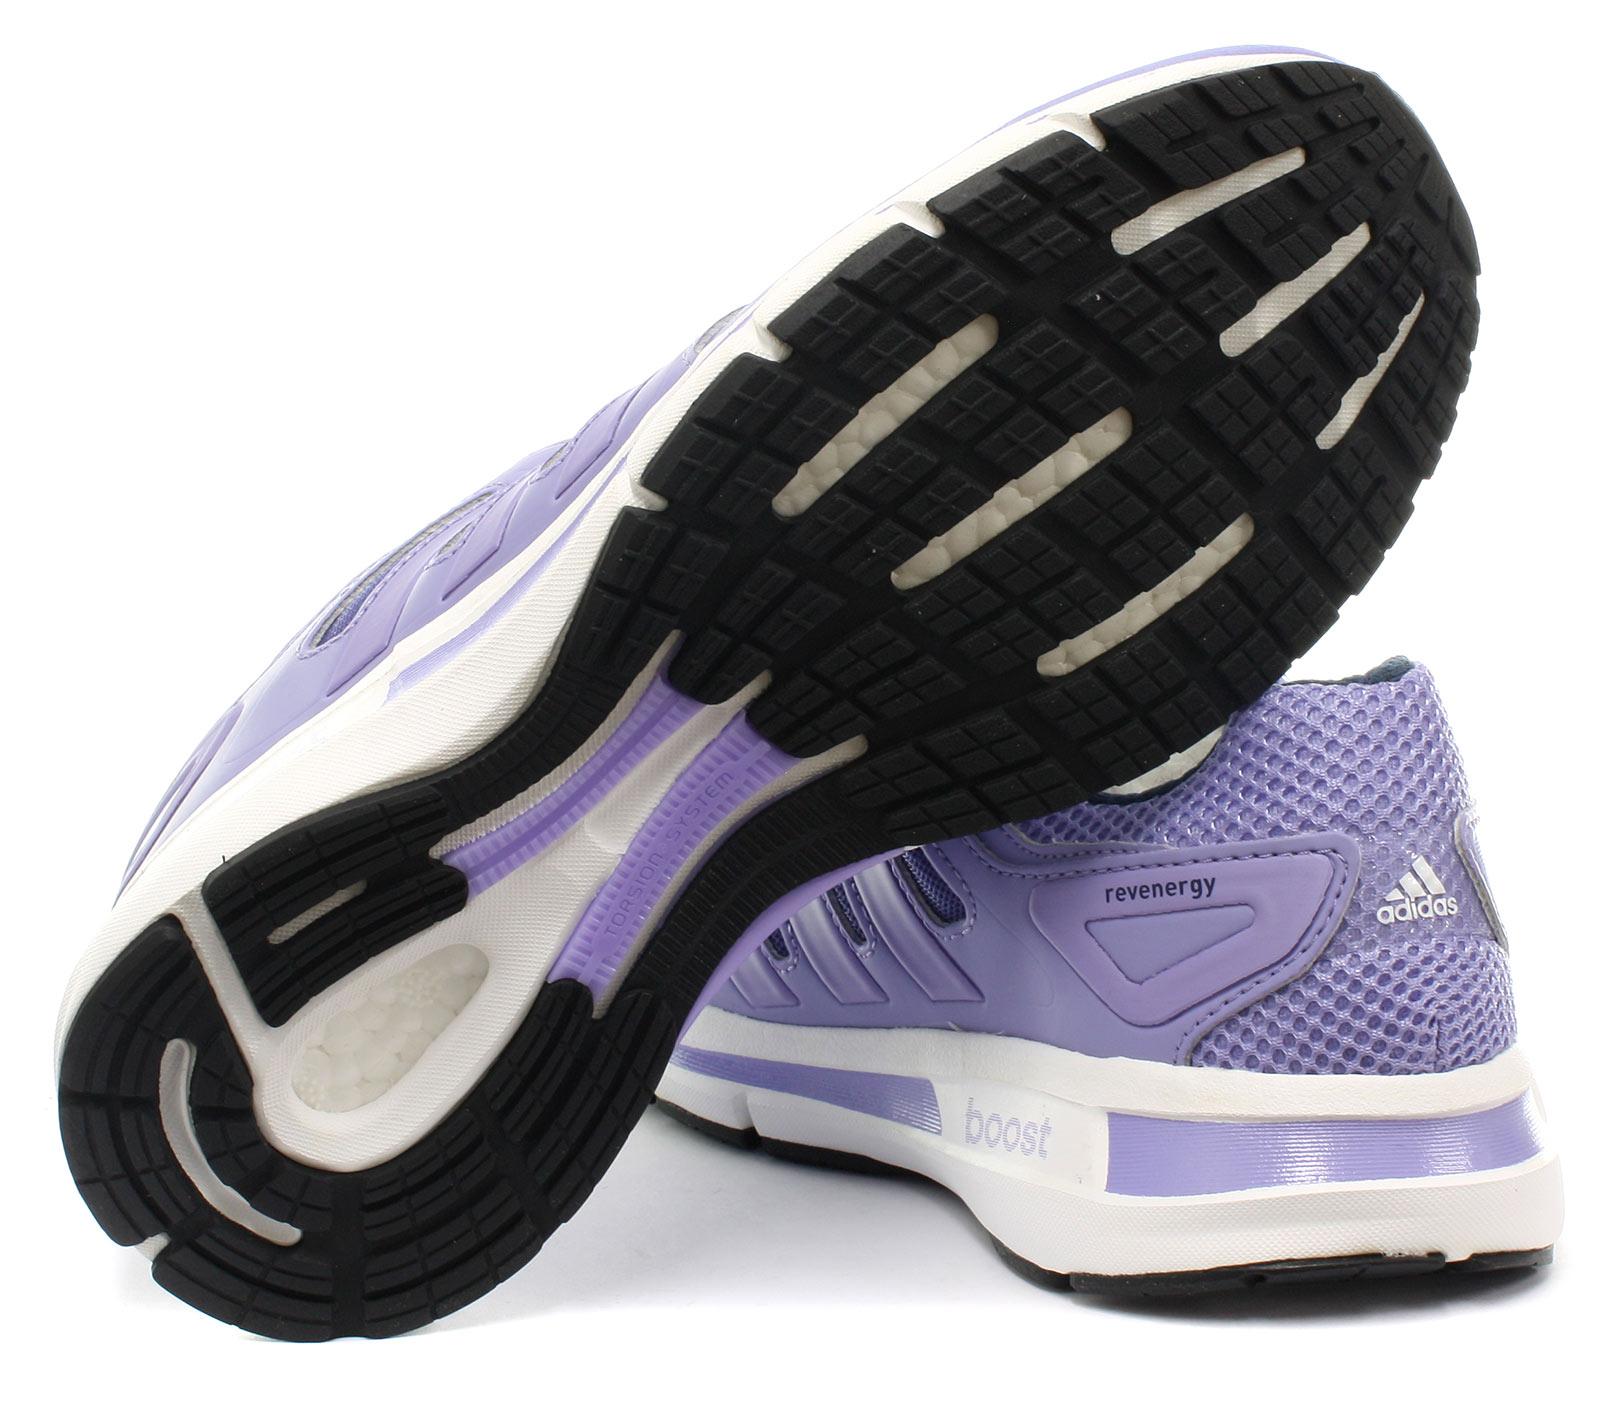 los mujer para Revenergy púrpura Techfit tamaños con Baloncesto Adidas todos xU8dXqX